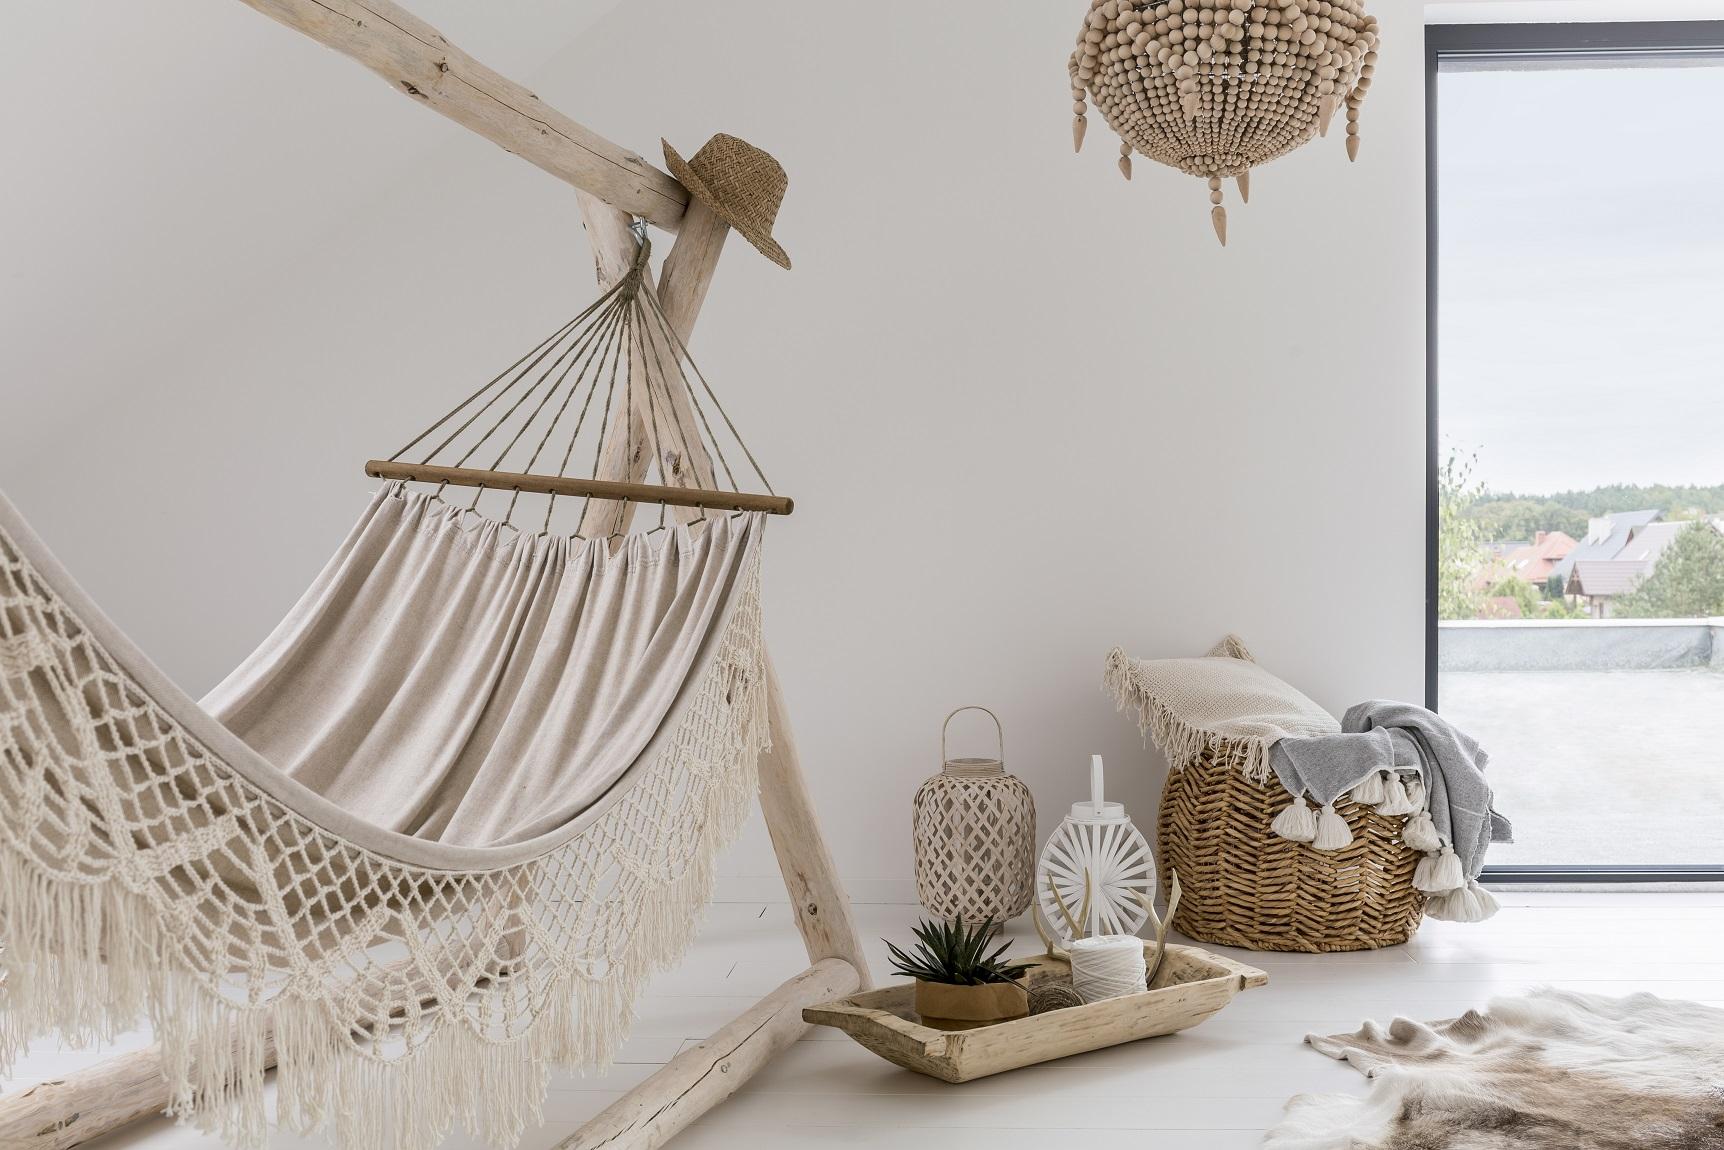 Hängematte - wohnaccessoires und Dekoideen für dein zu Hause